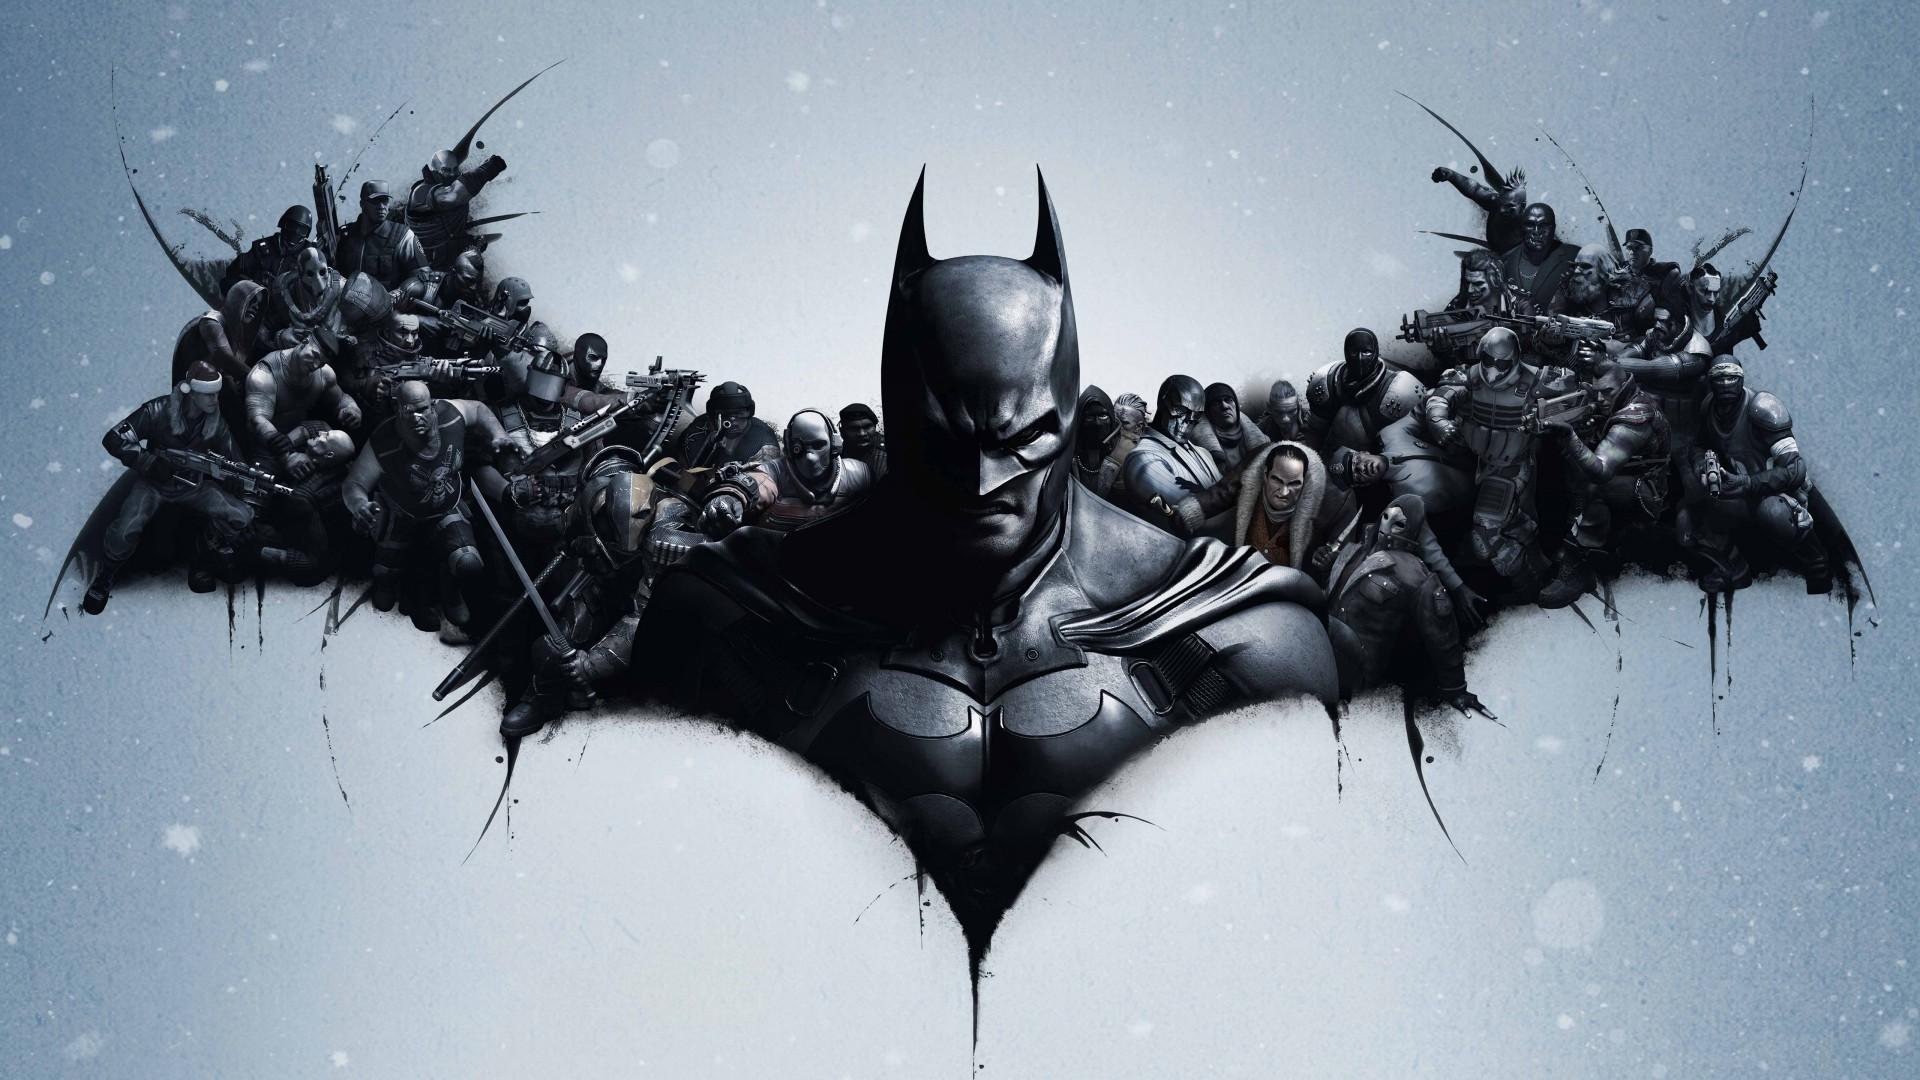 Wallpaper Batman, Arkham Origins, Poster, 5K, Games / Most Popular, #259